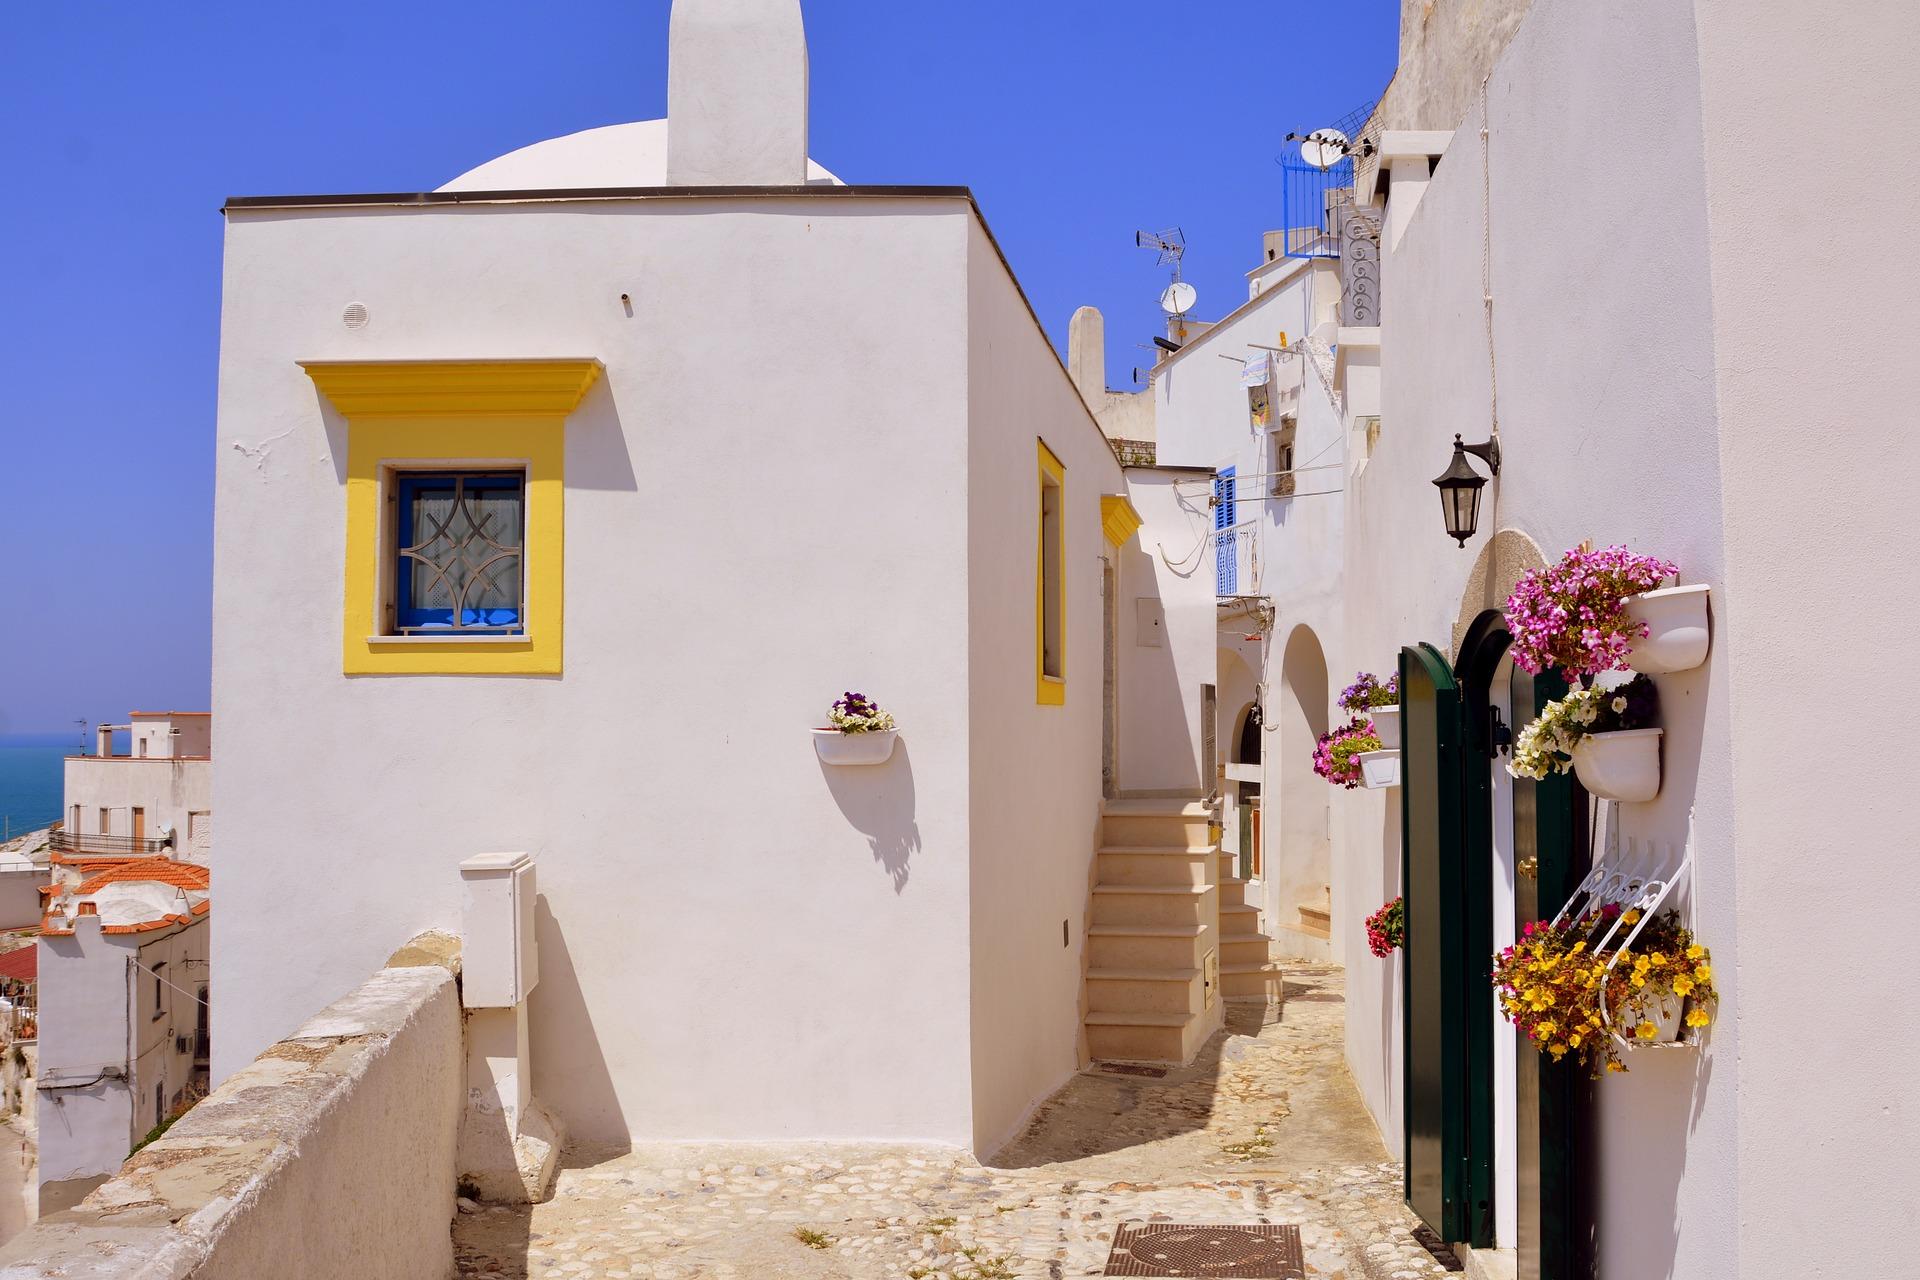 Puglia in summer